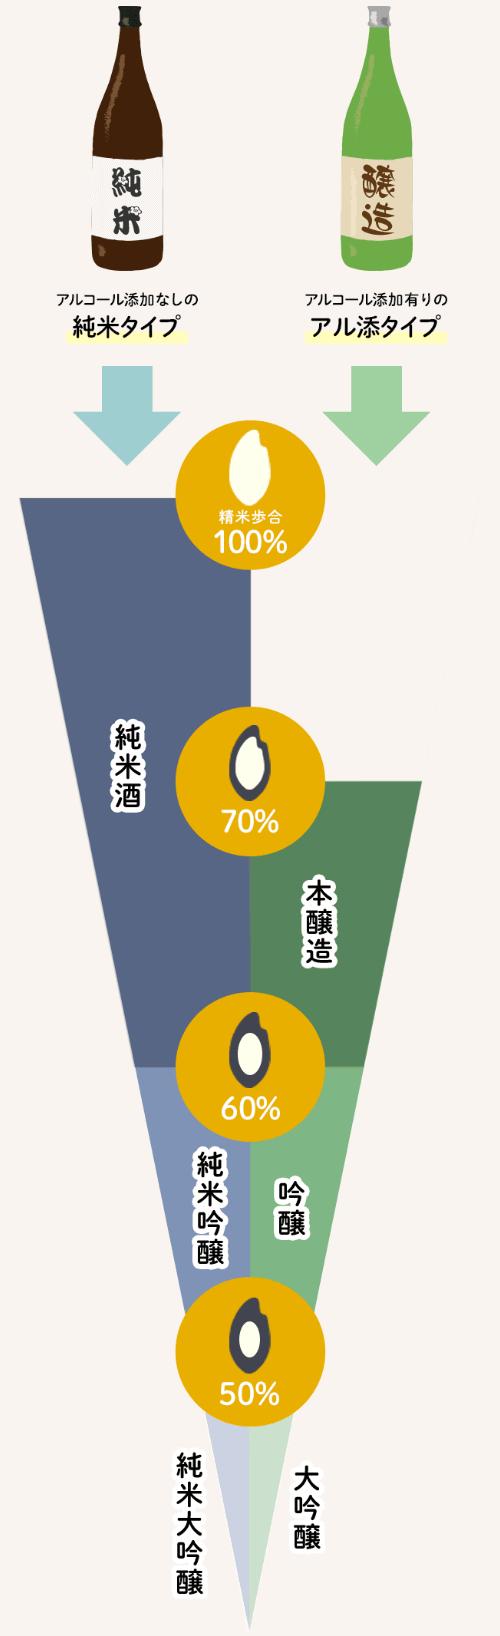 図解:日本酒の種類と違い